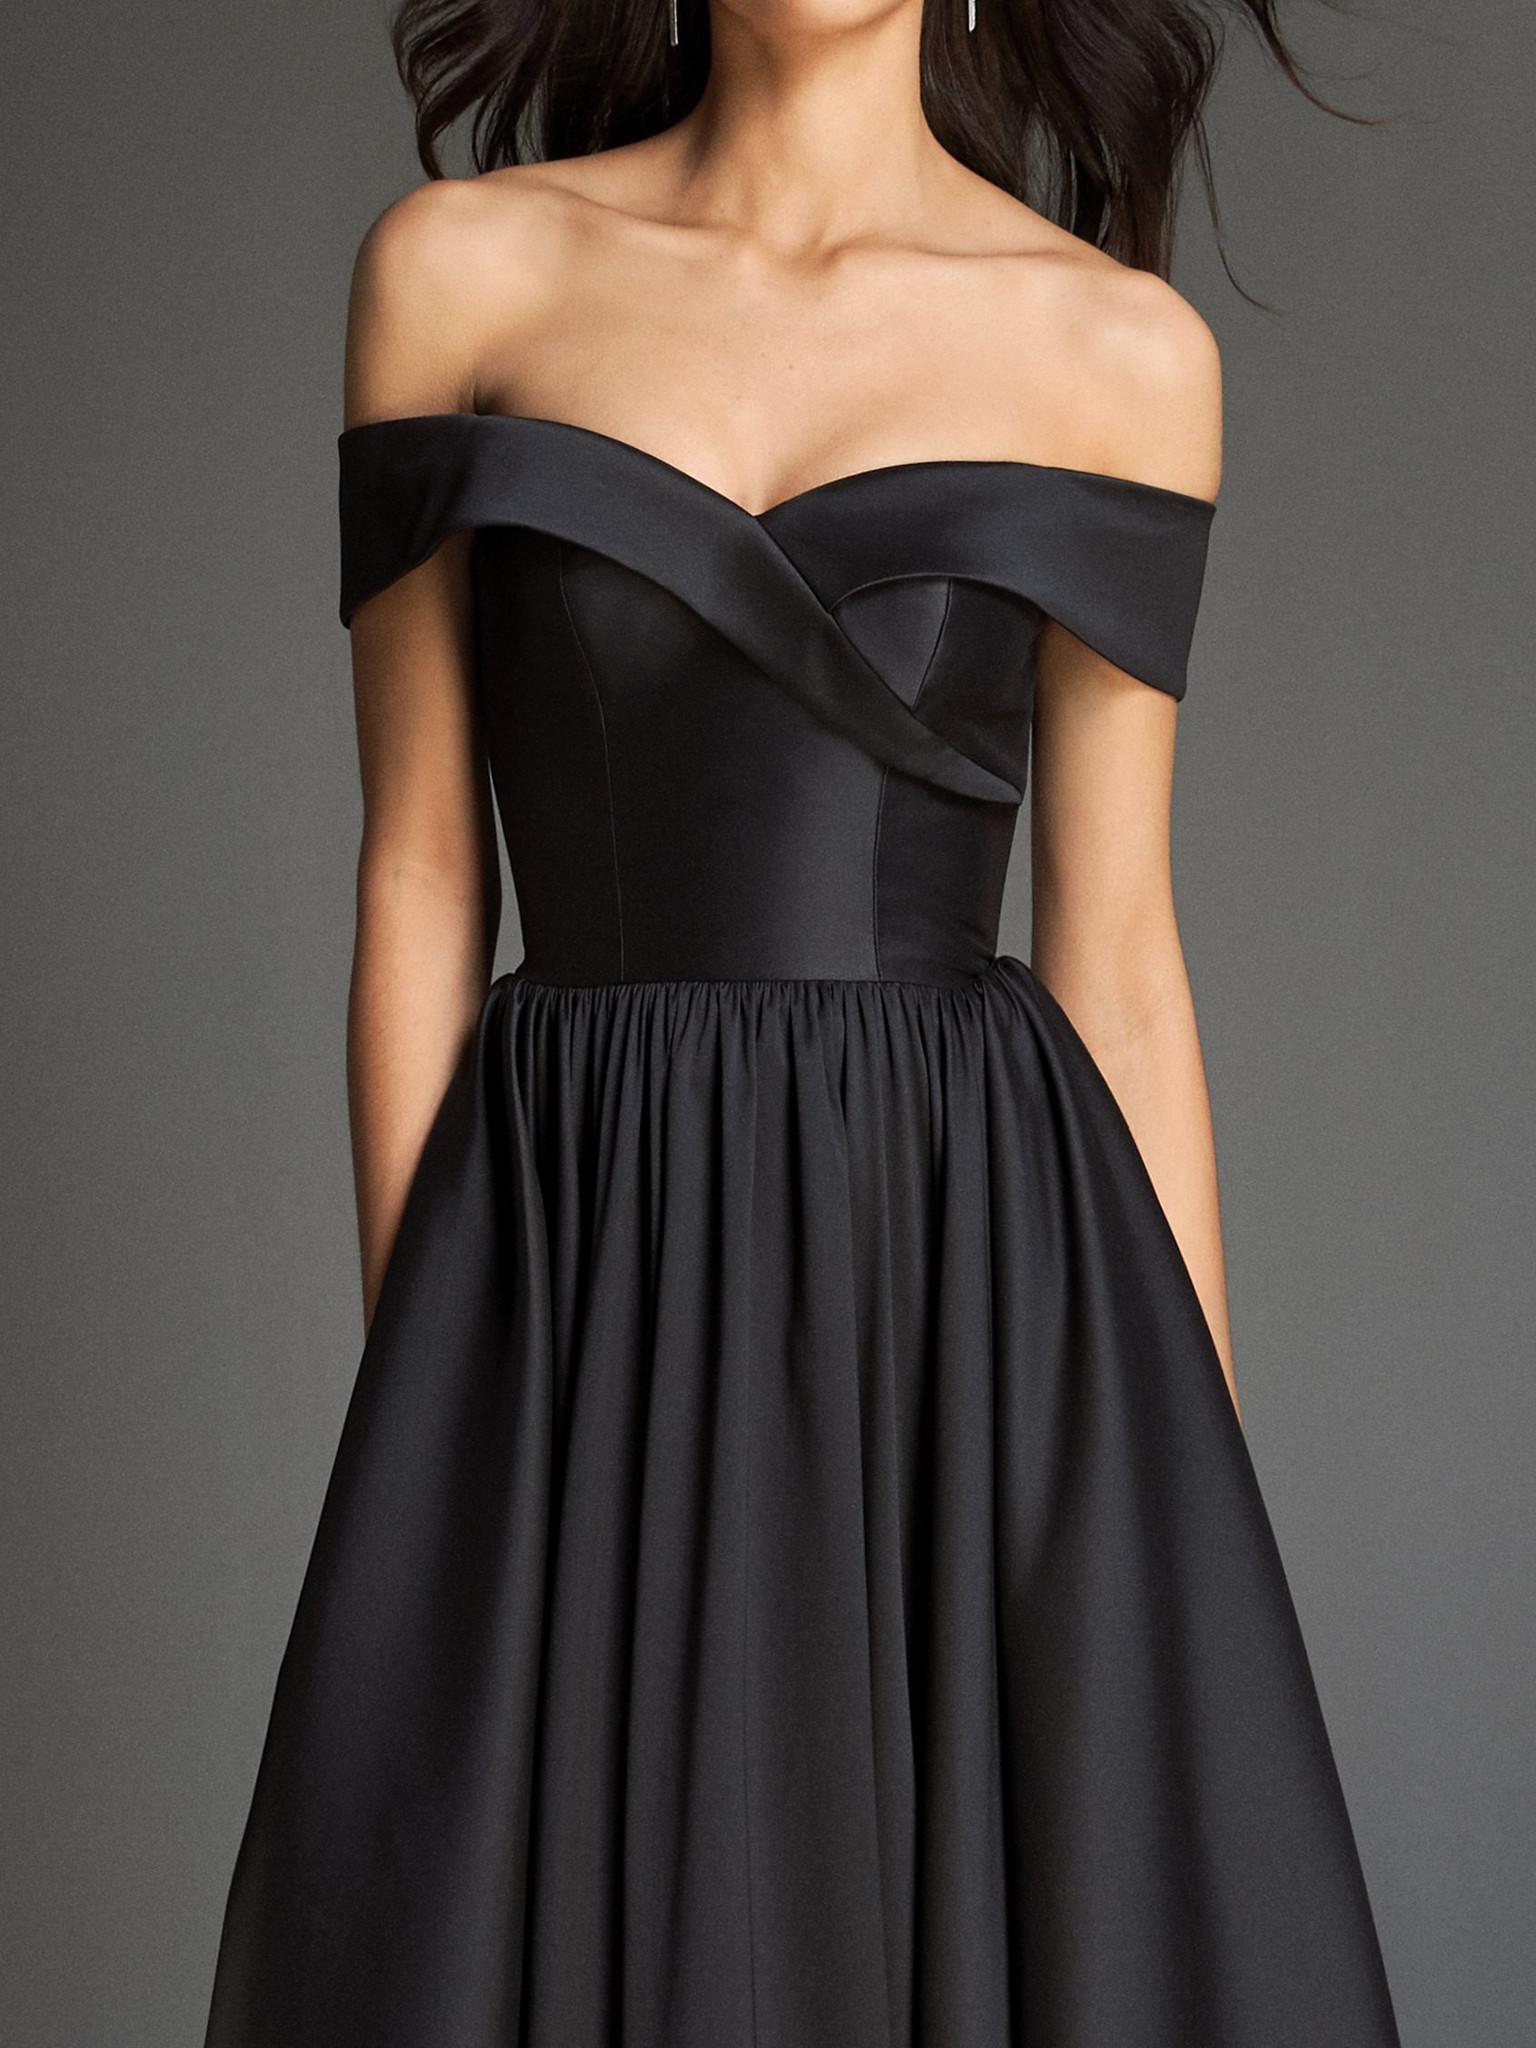 Вечернее платье классическое черное с открытыми плечами